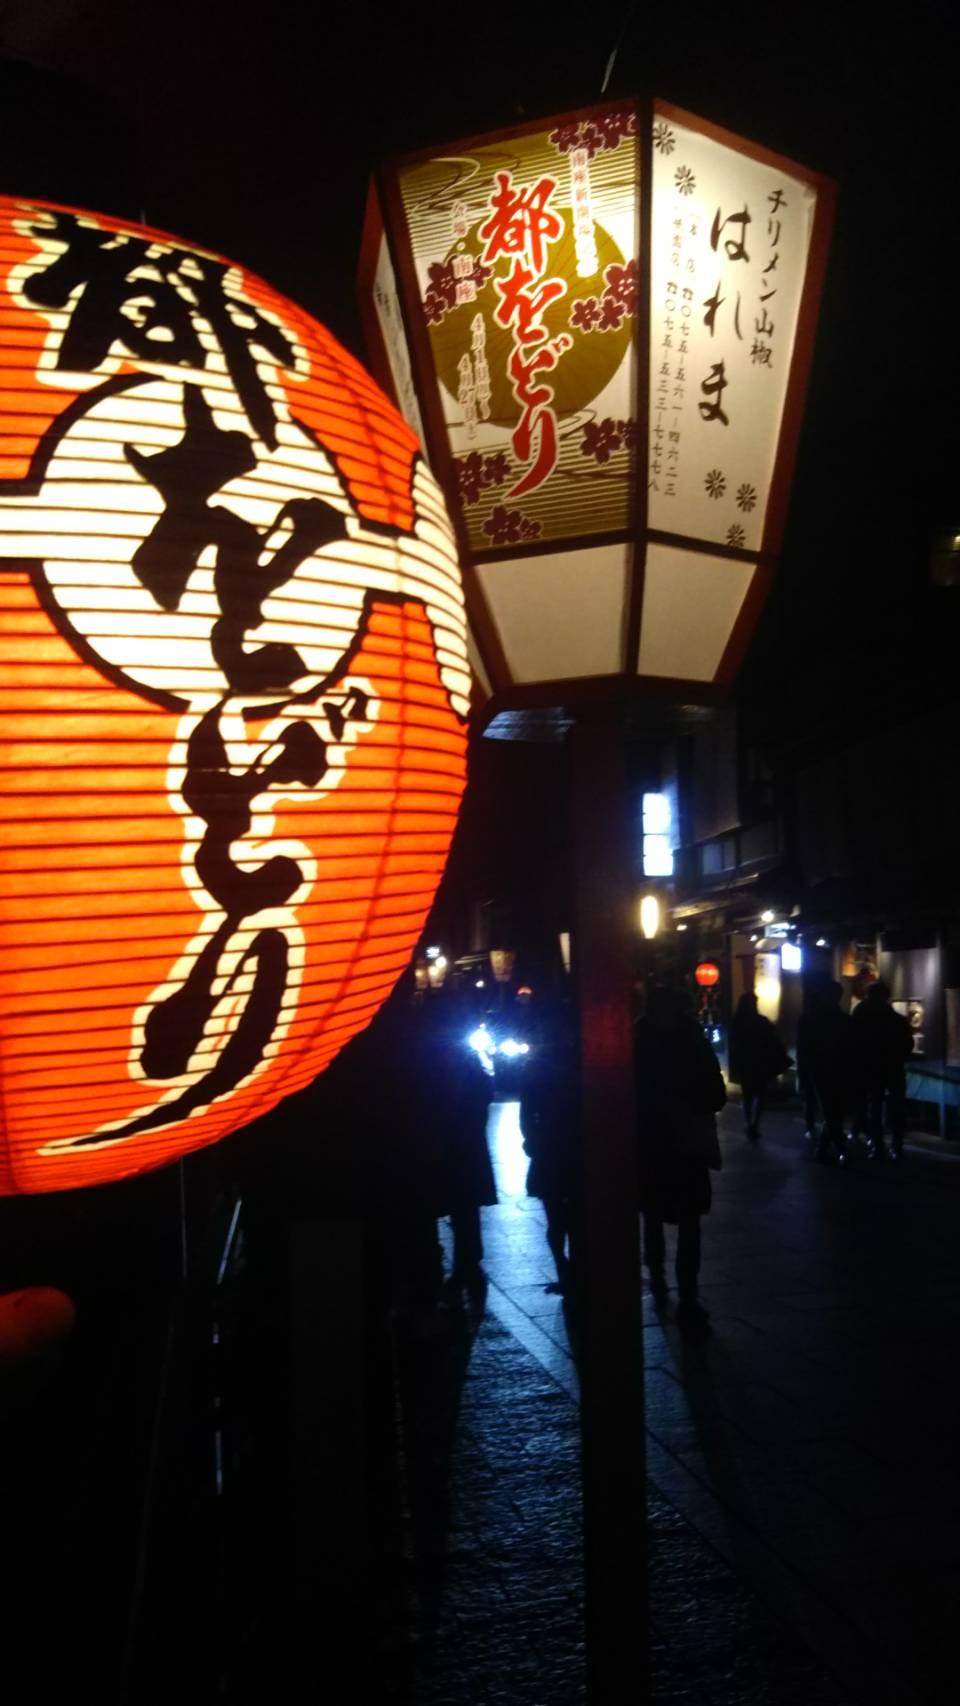 http://www.karyo-kyoto.jp/gion/info/images/IMG_6808.JPG